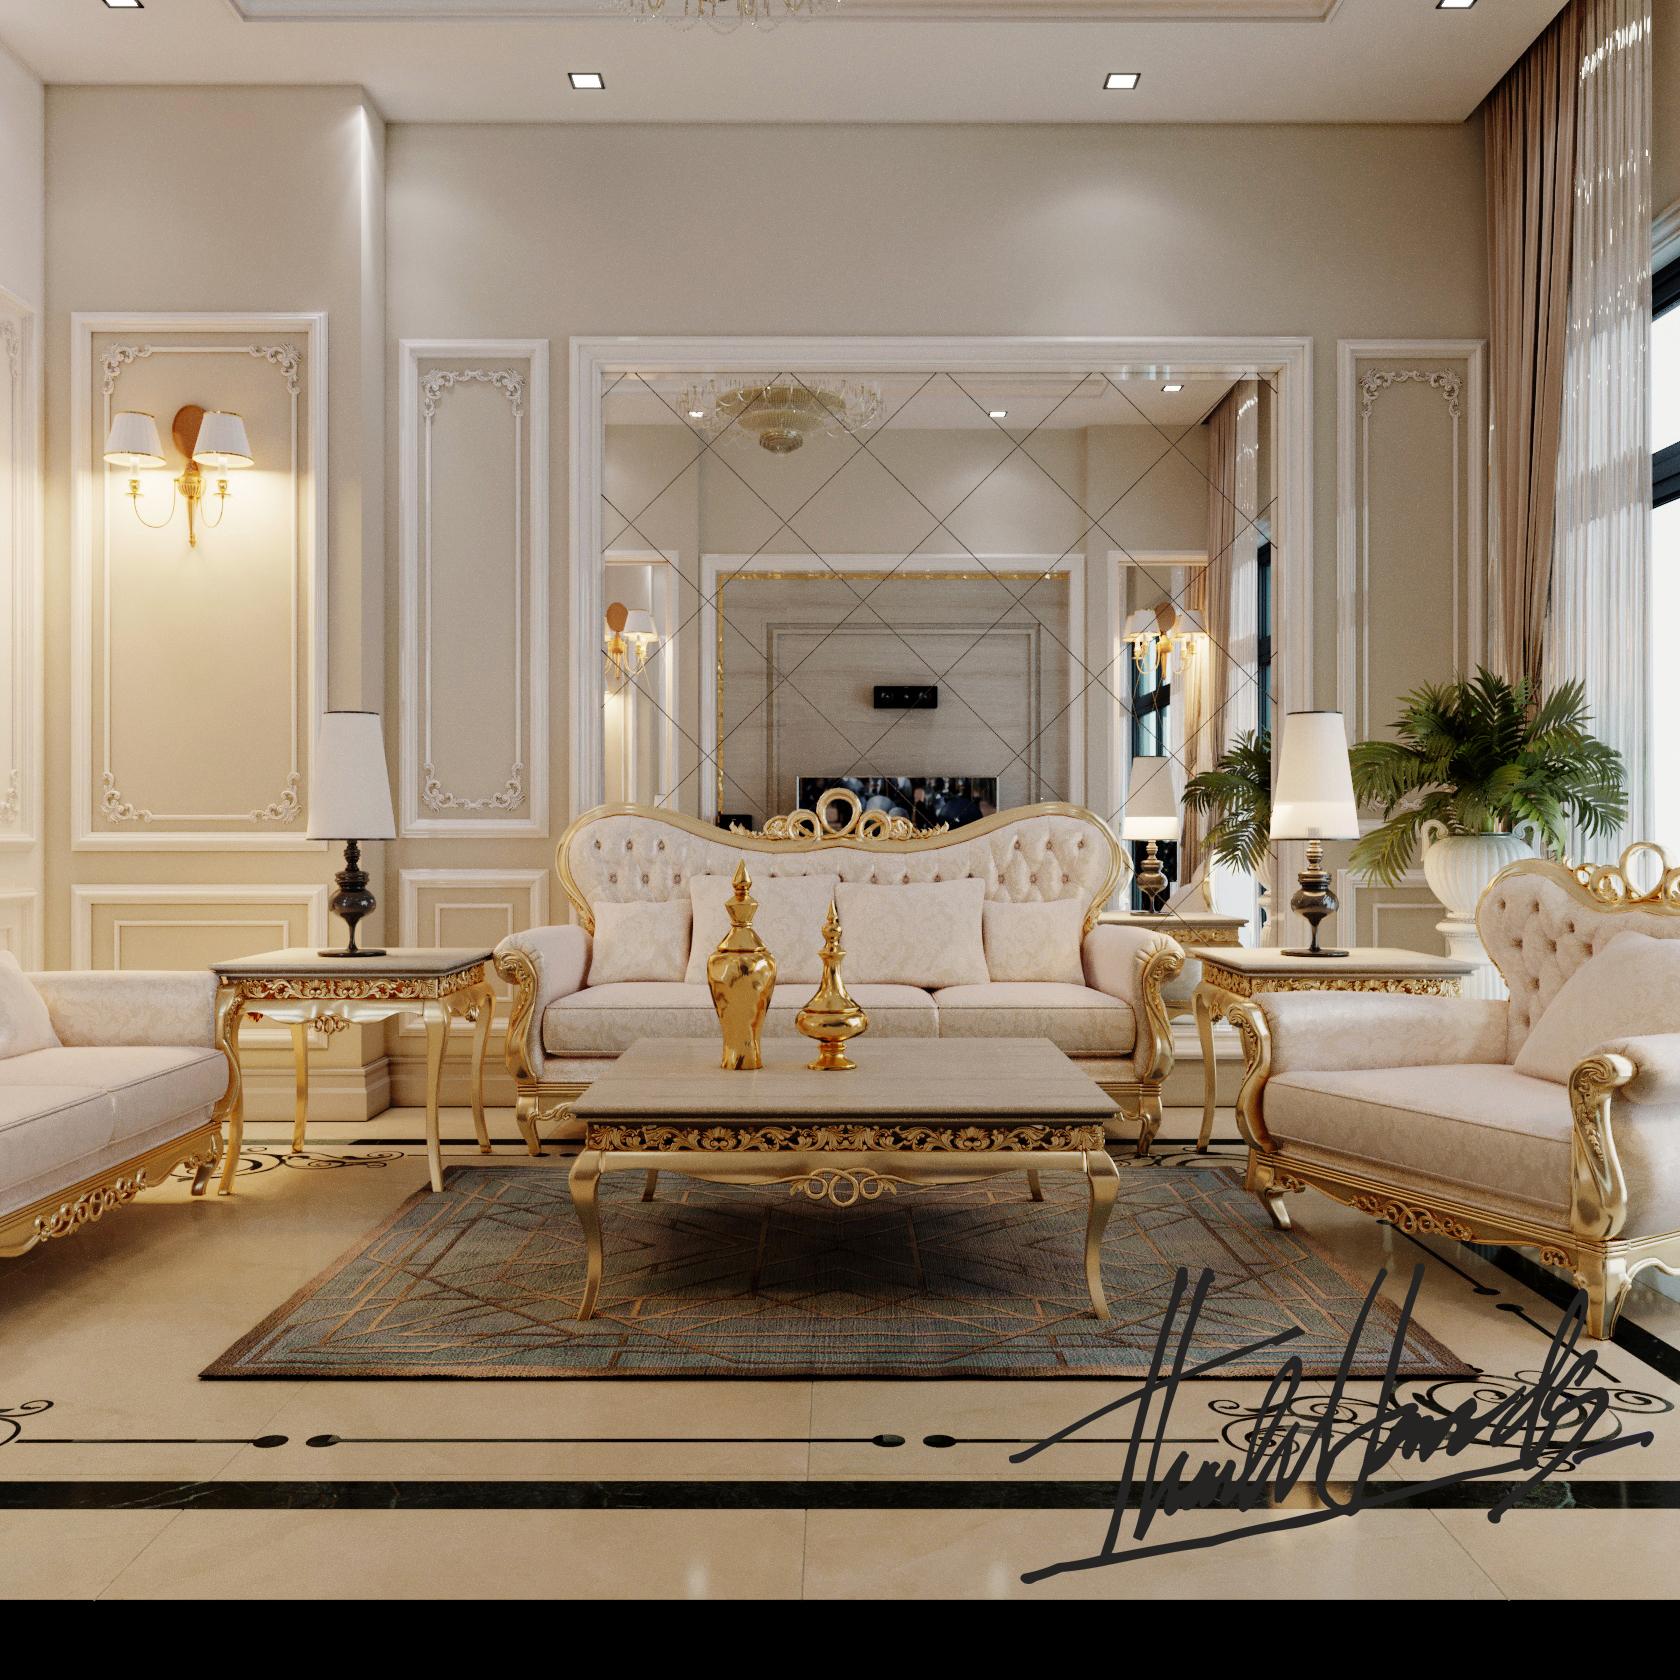 thiết kế nội thất Biệt Thự tại Hải Phòng Biệt thự Vinhomes - imperia ( khu MHT) 18 1568275629